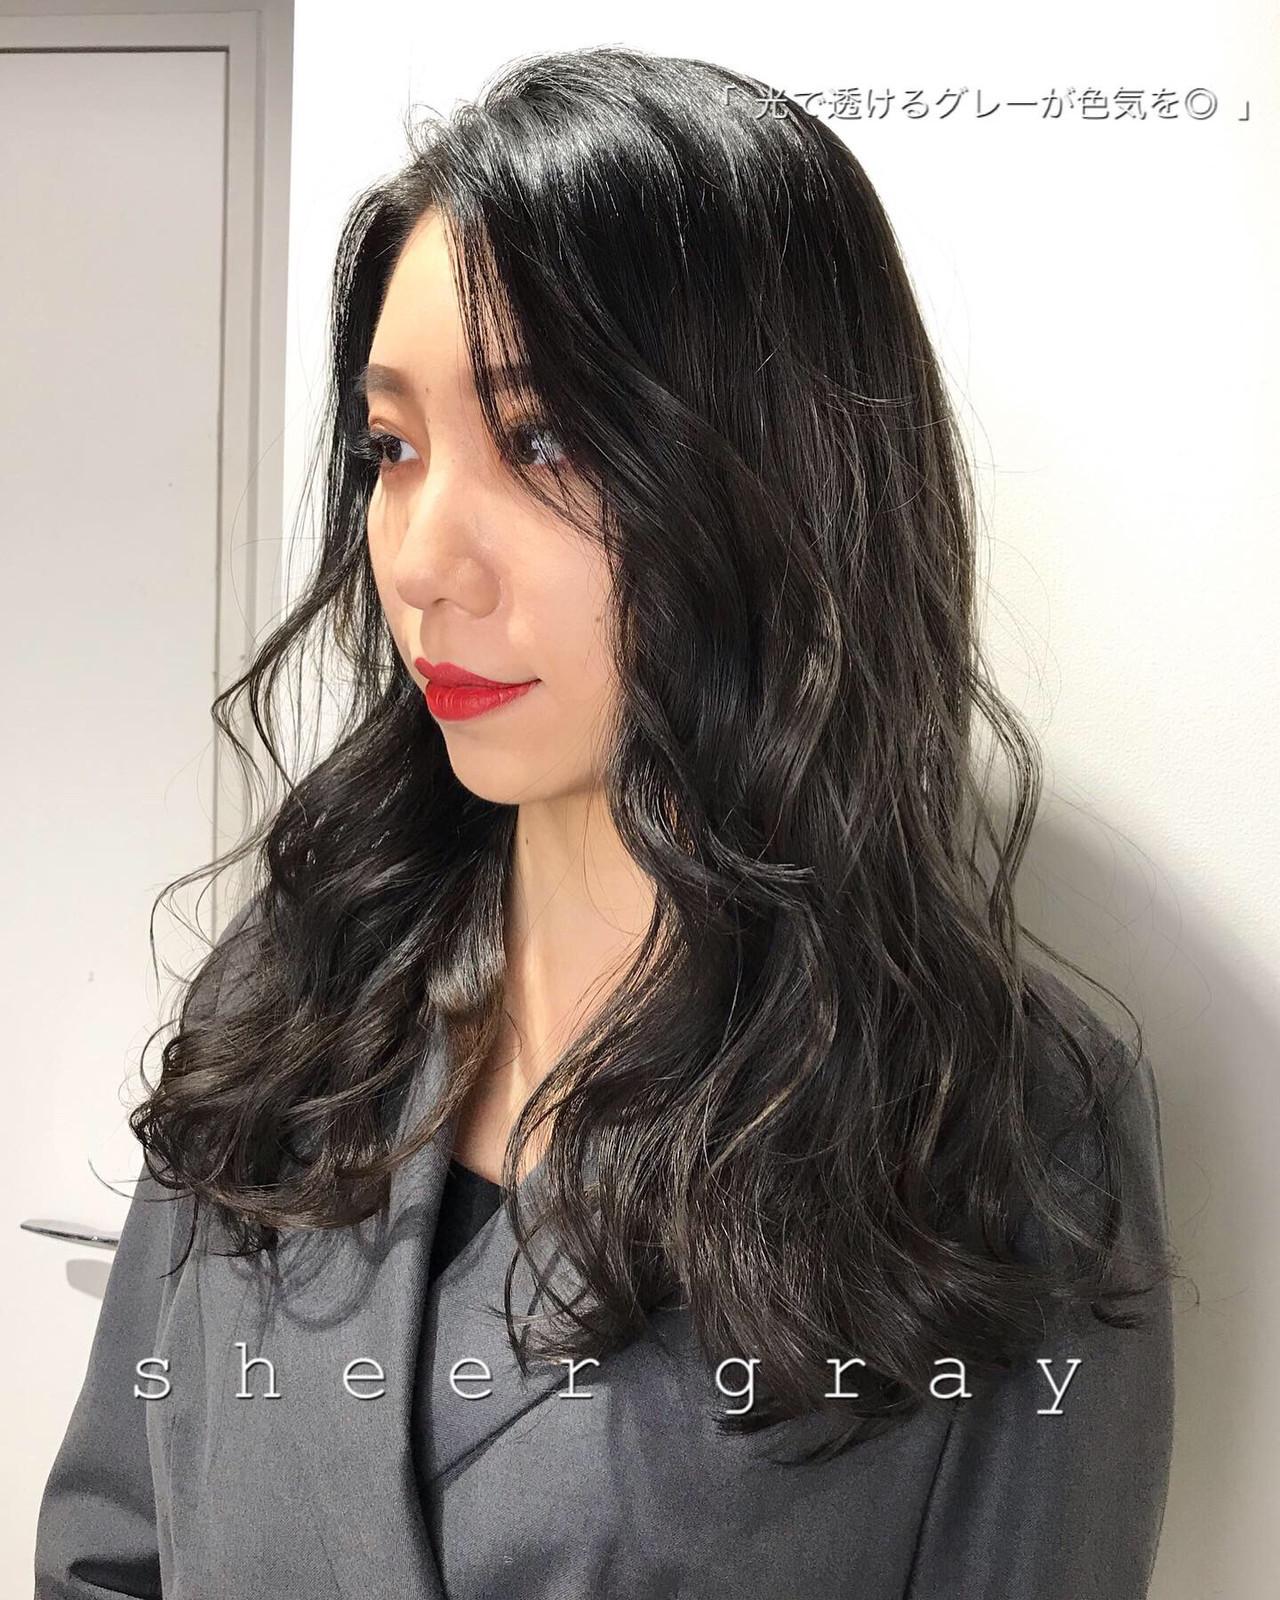 セミロング グレージュ アッシュグレージュ 暗髪 ヘアスタイルや髪型の写真・画像